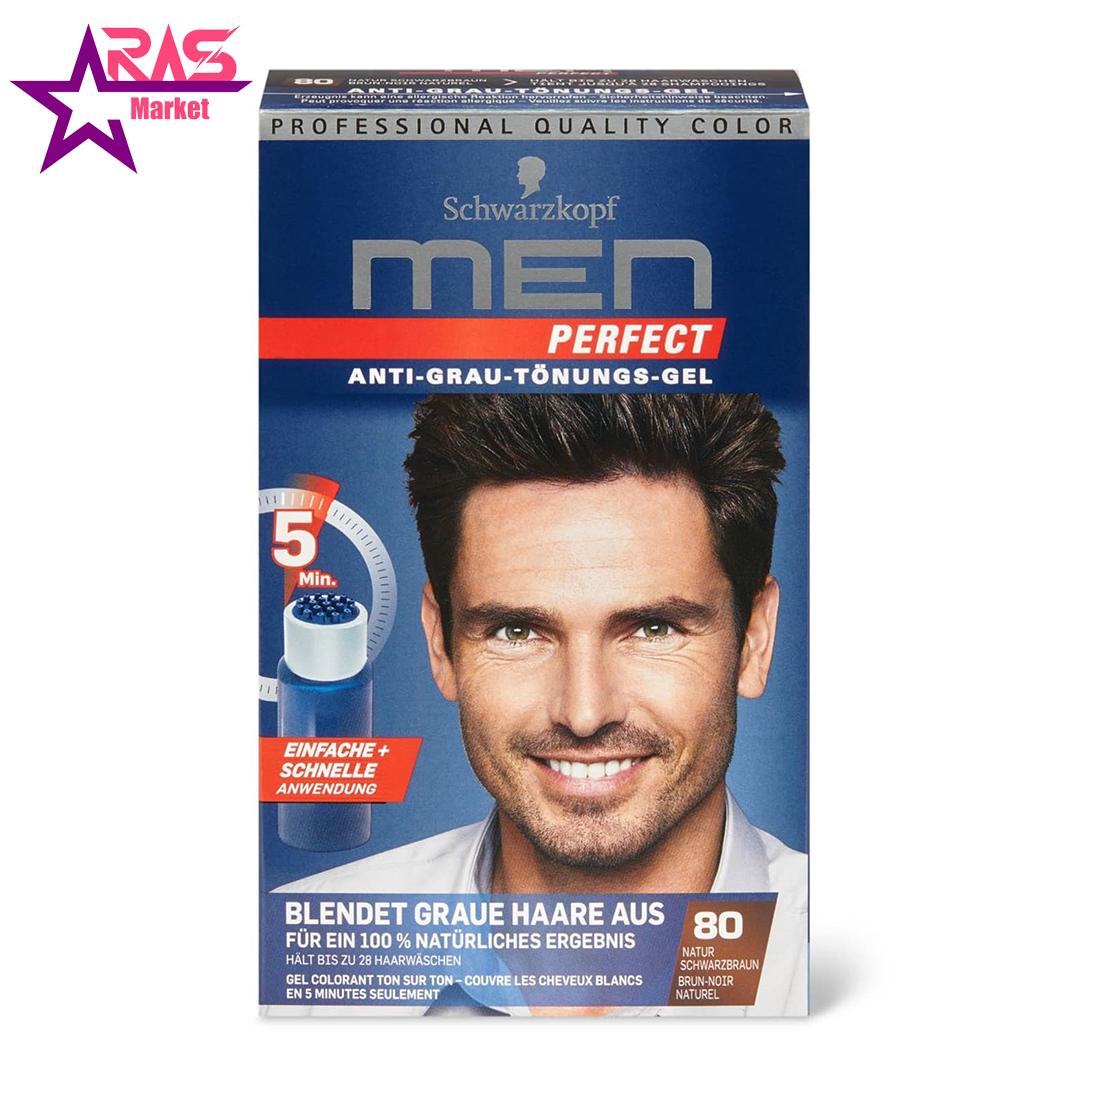 کیت رنگ مو مردانه Men Perfect شماره 80 ، فروشگاه اینترنتی ارس مارکت ، بهداشت آقایان ، رنگ مو مردانه من